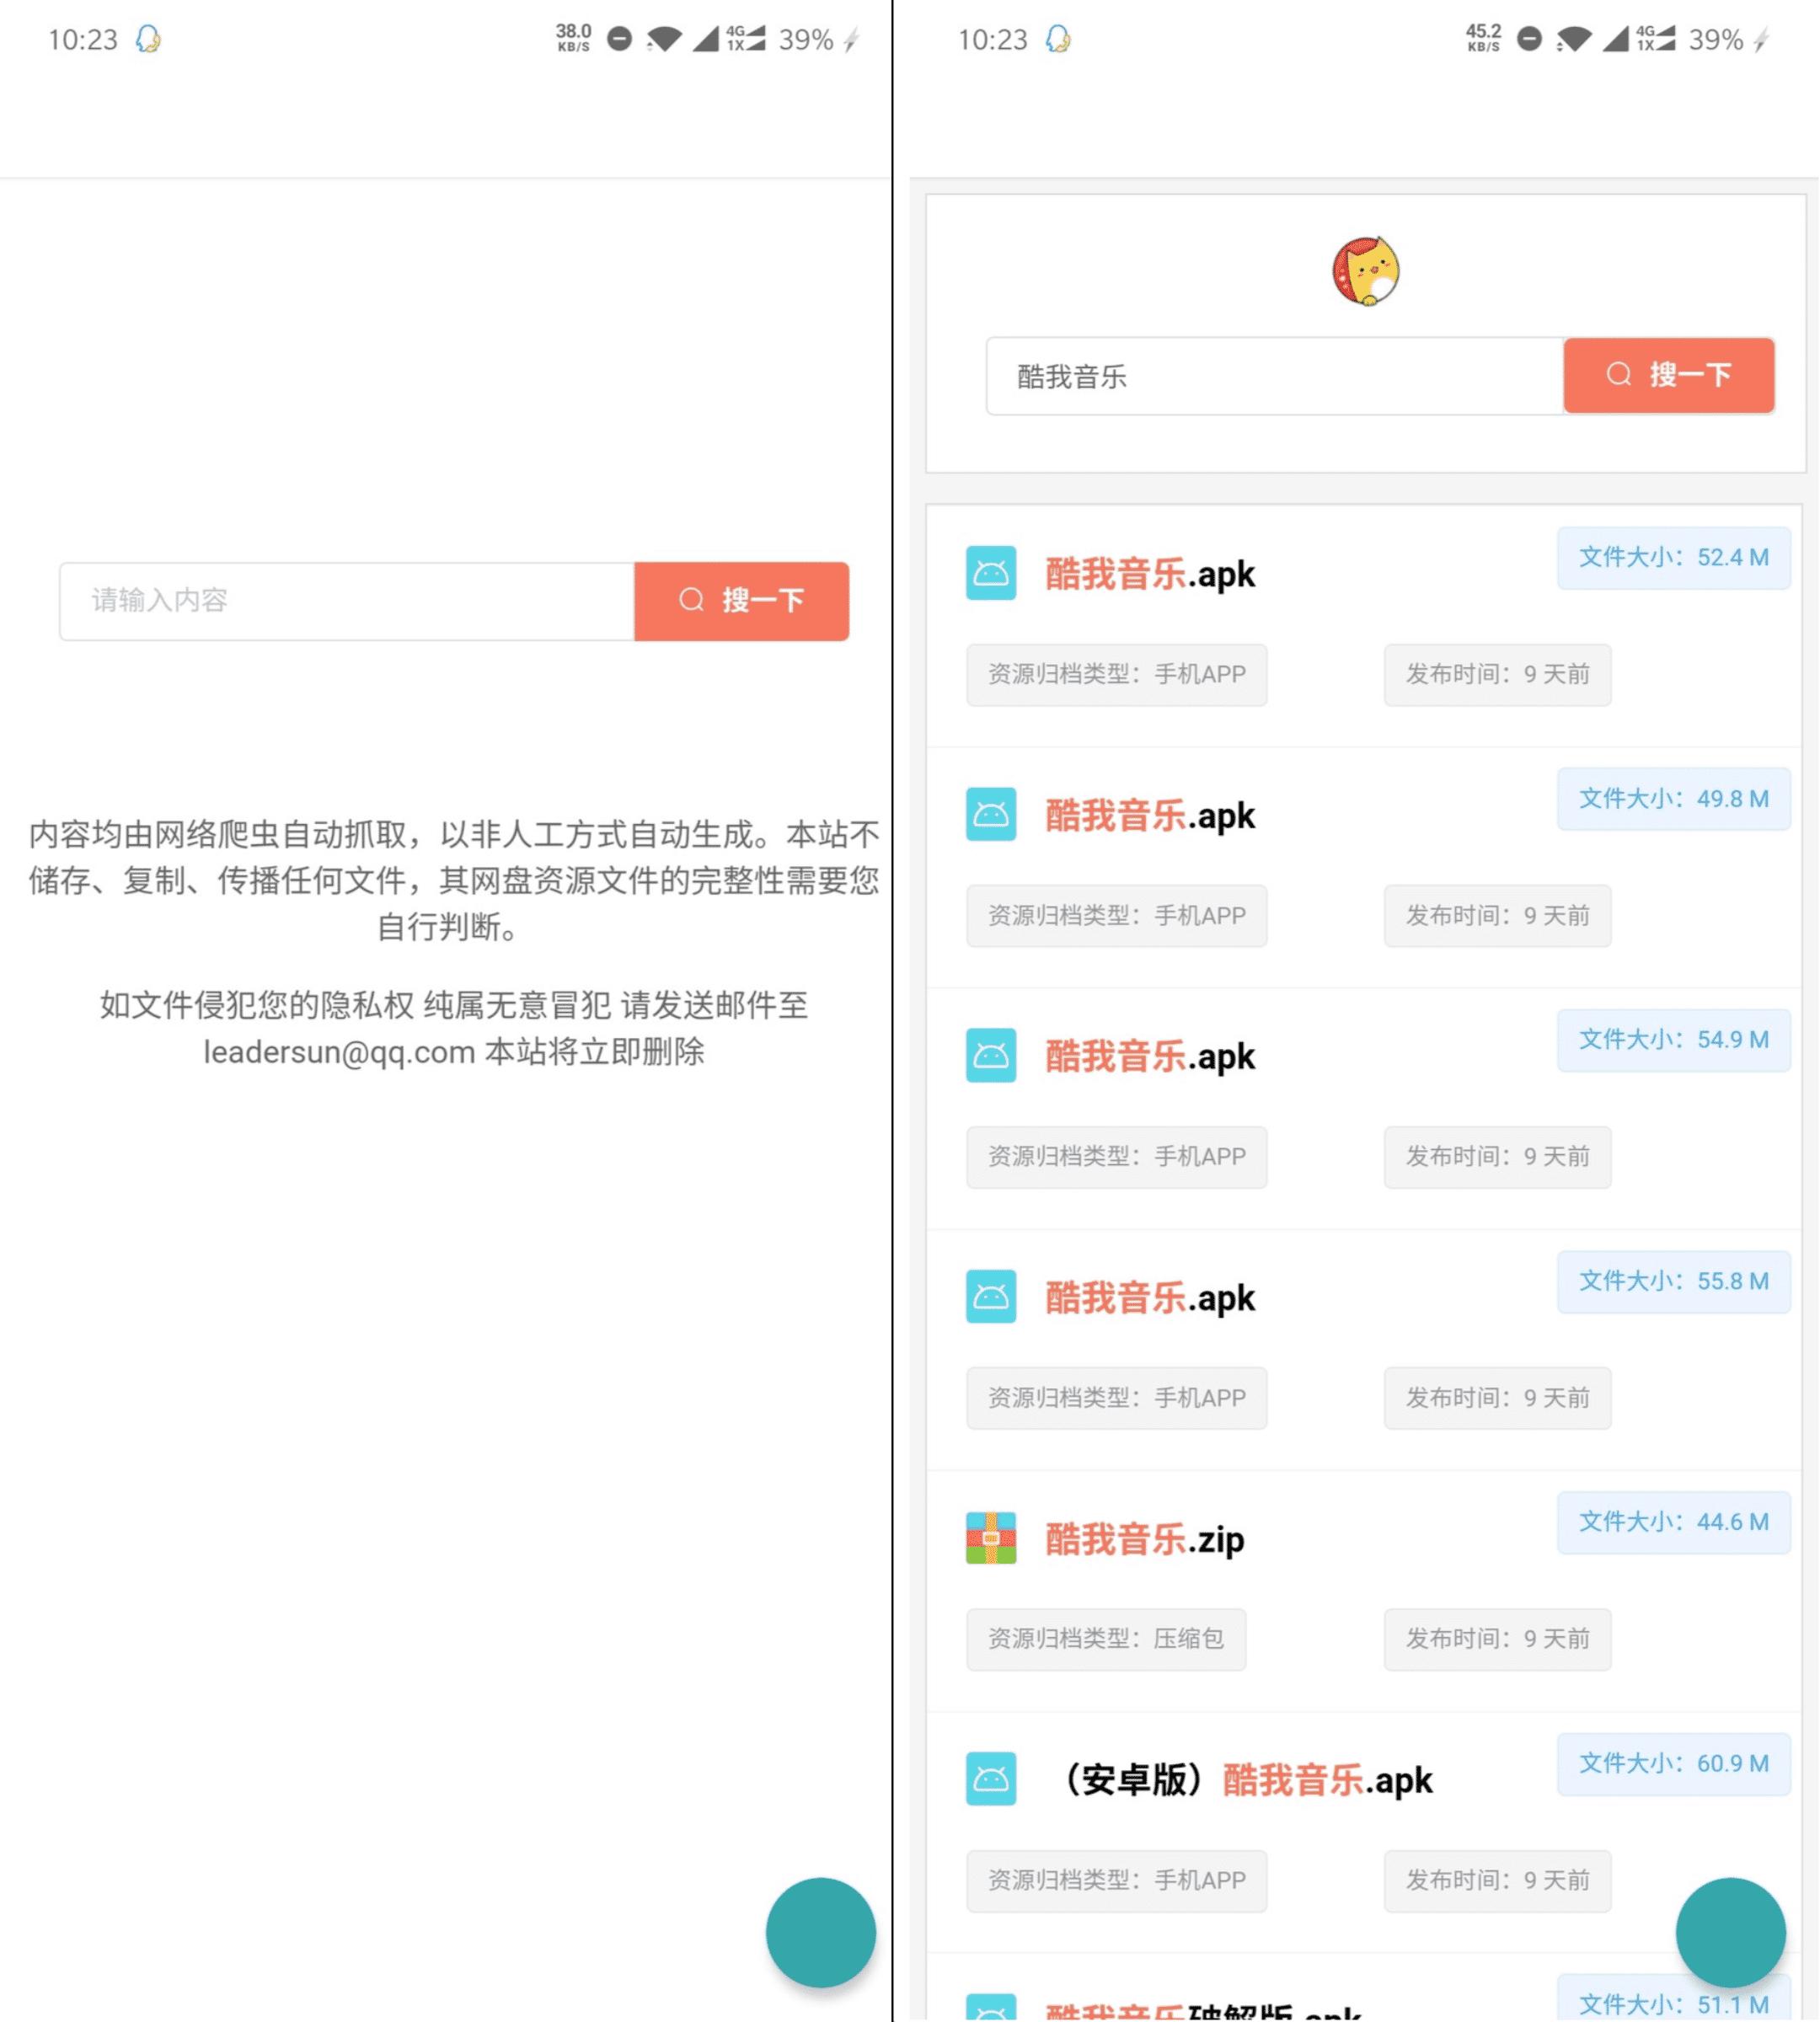 【分享】蓝奏云搜:蓝奏云资源搜索神器,爬取全网资源